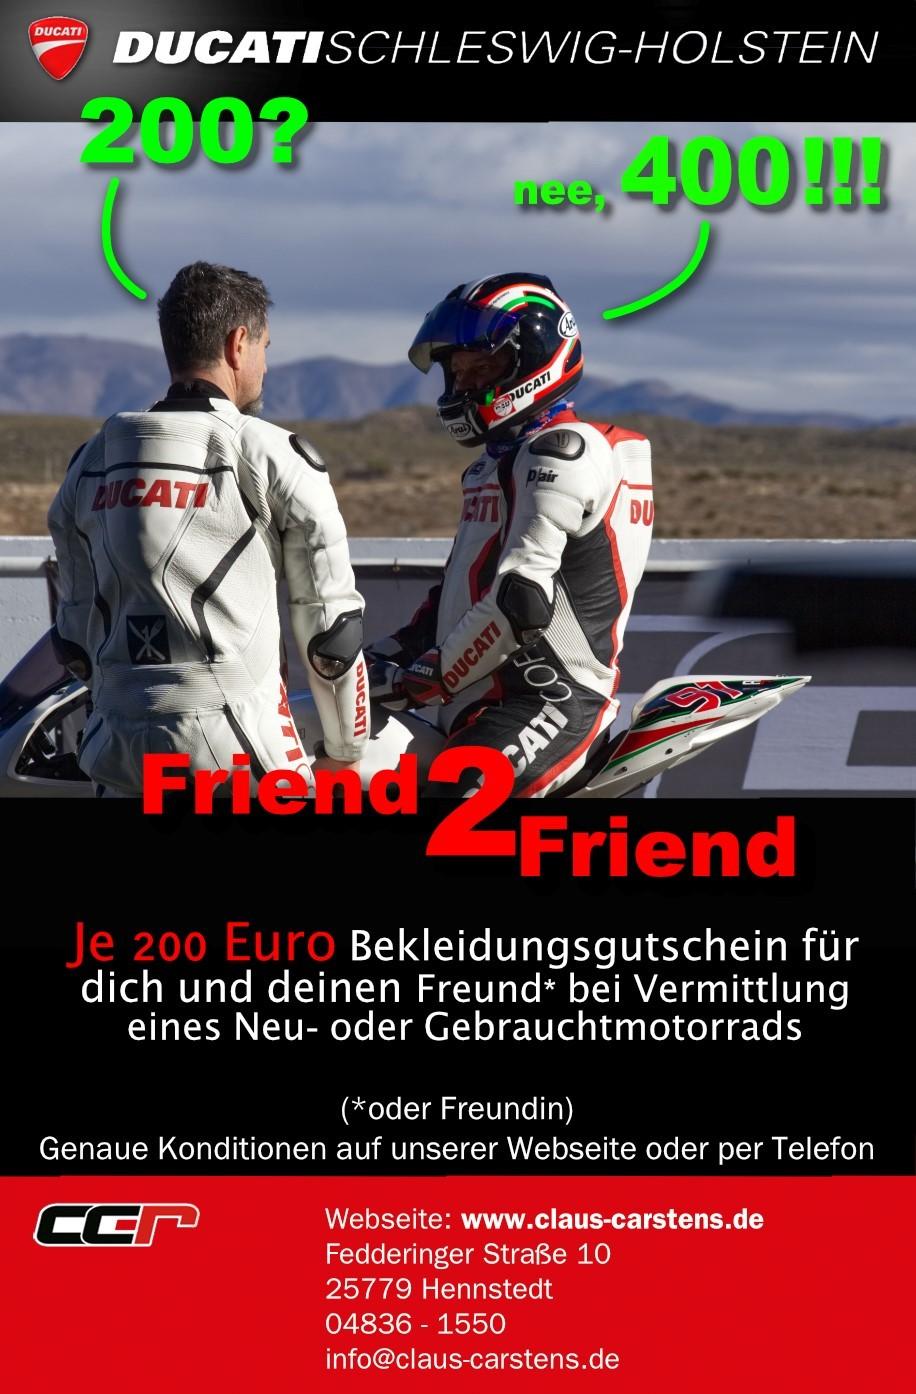 Friend2Friend mit Ducati Schleswig Holstein